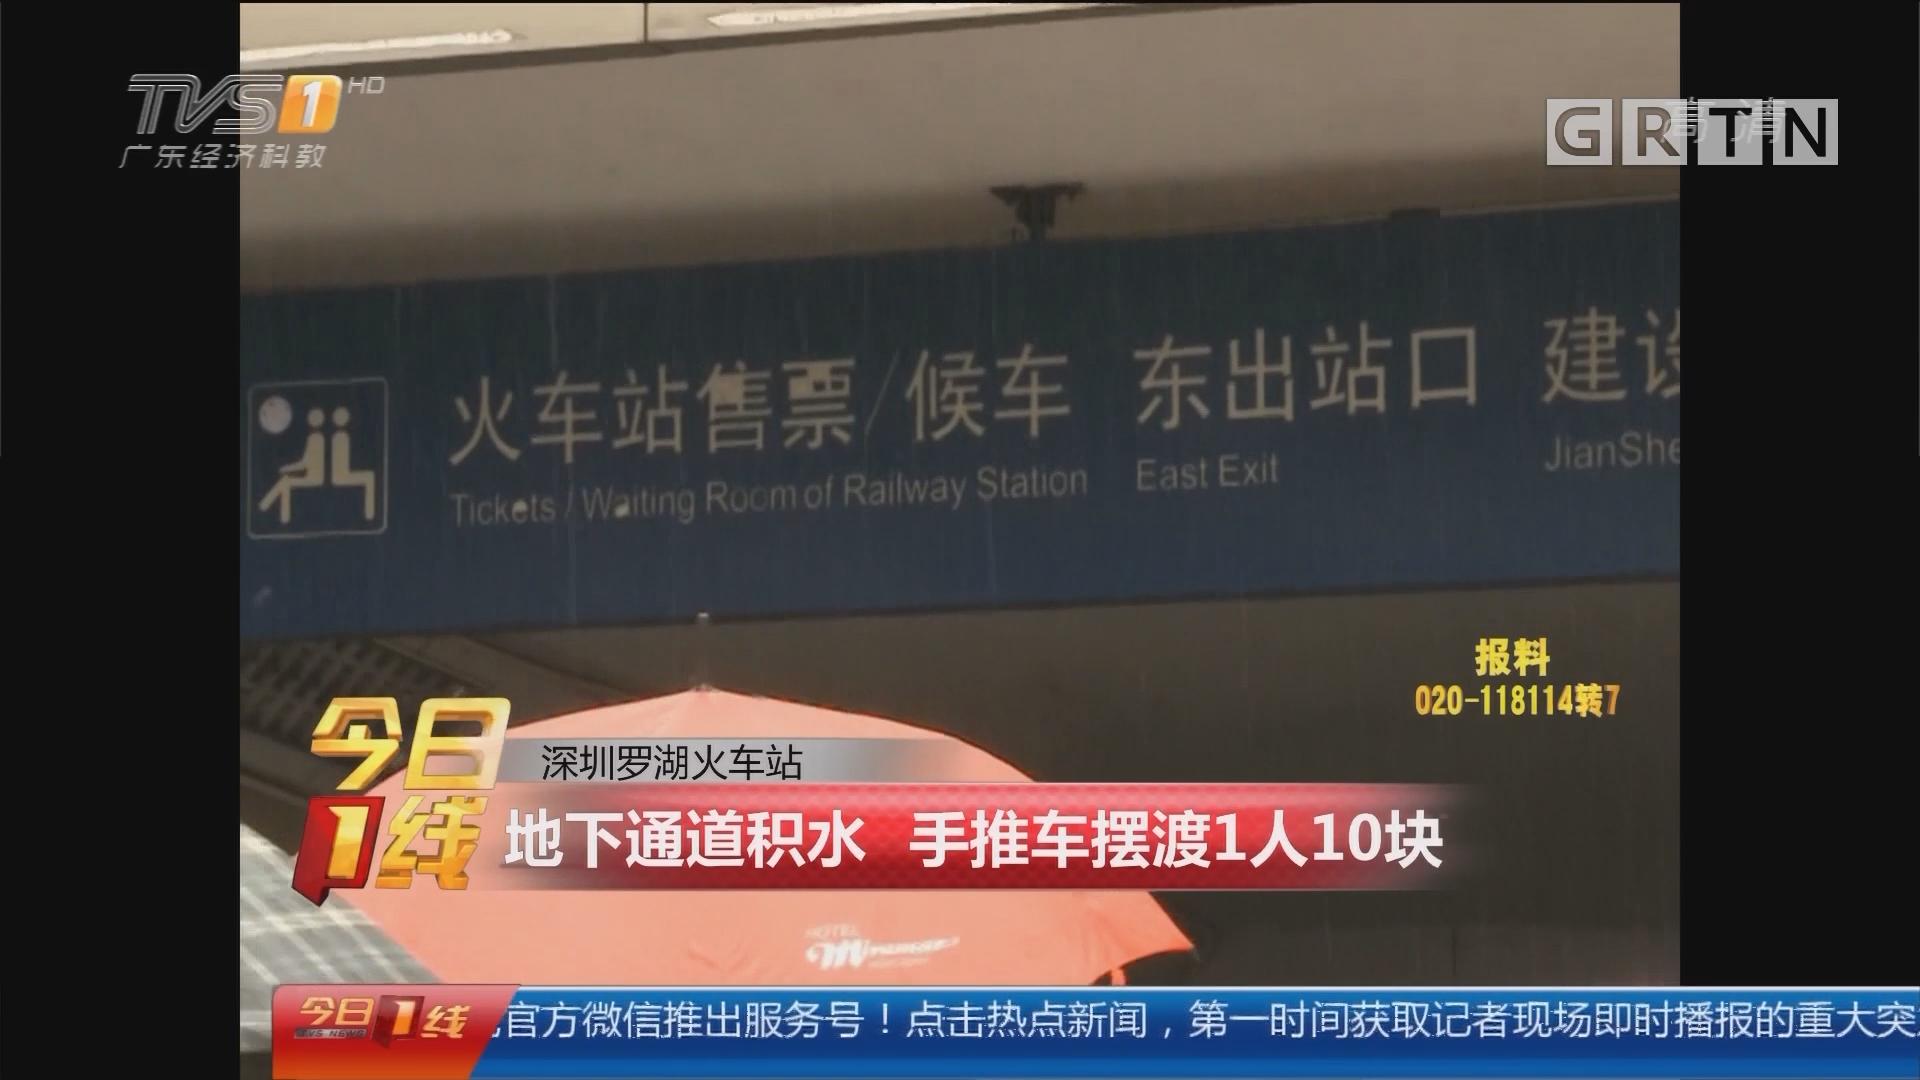 深圳罗湖火车站:地下通道积水 手推车摆渡1人10块